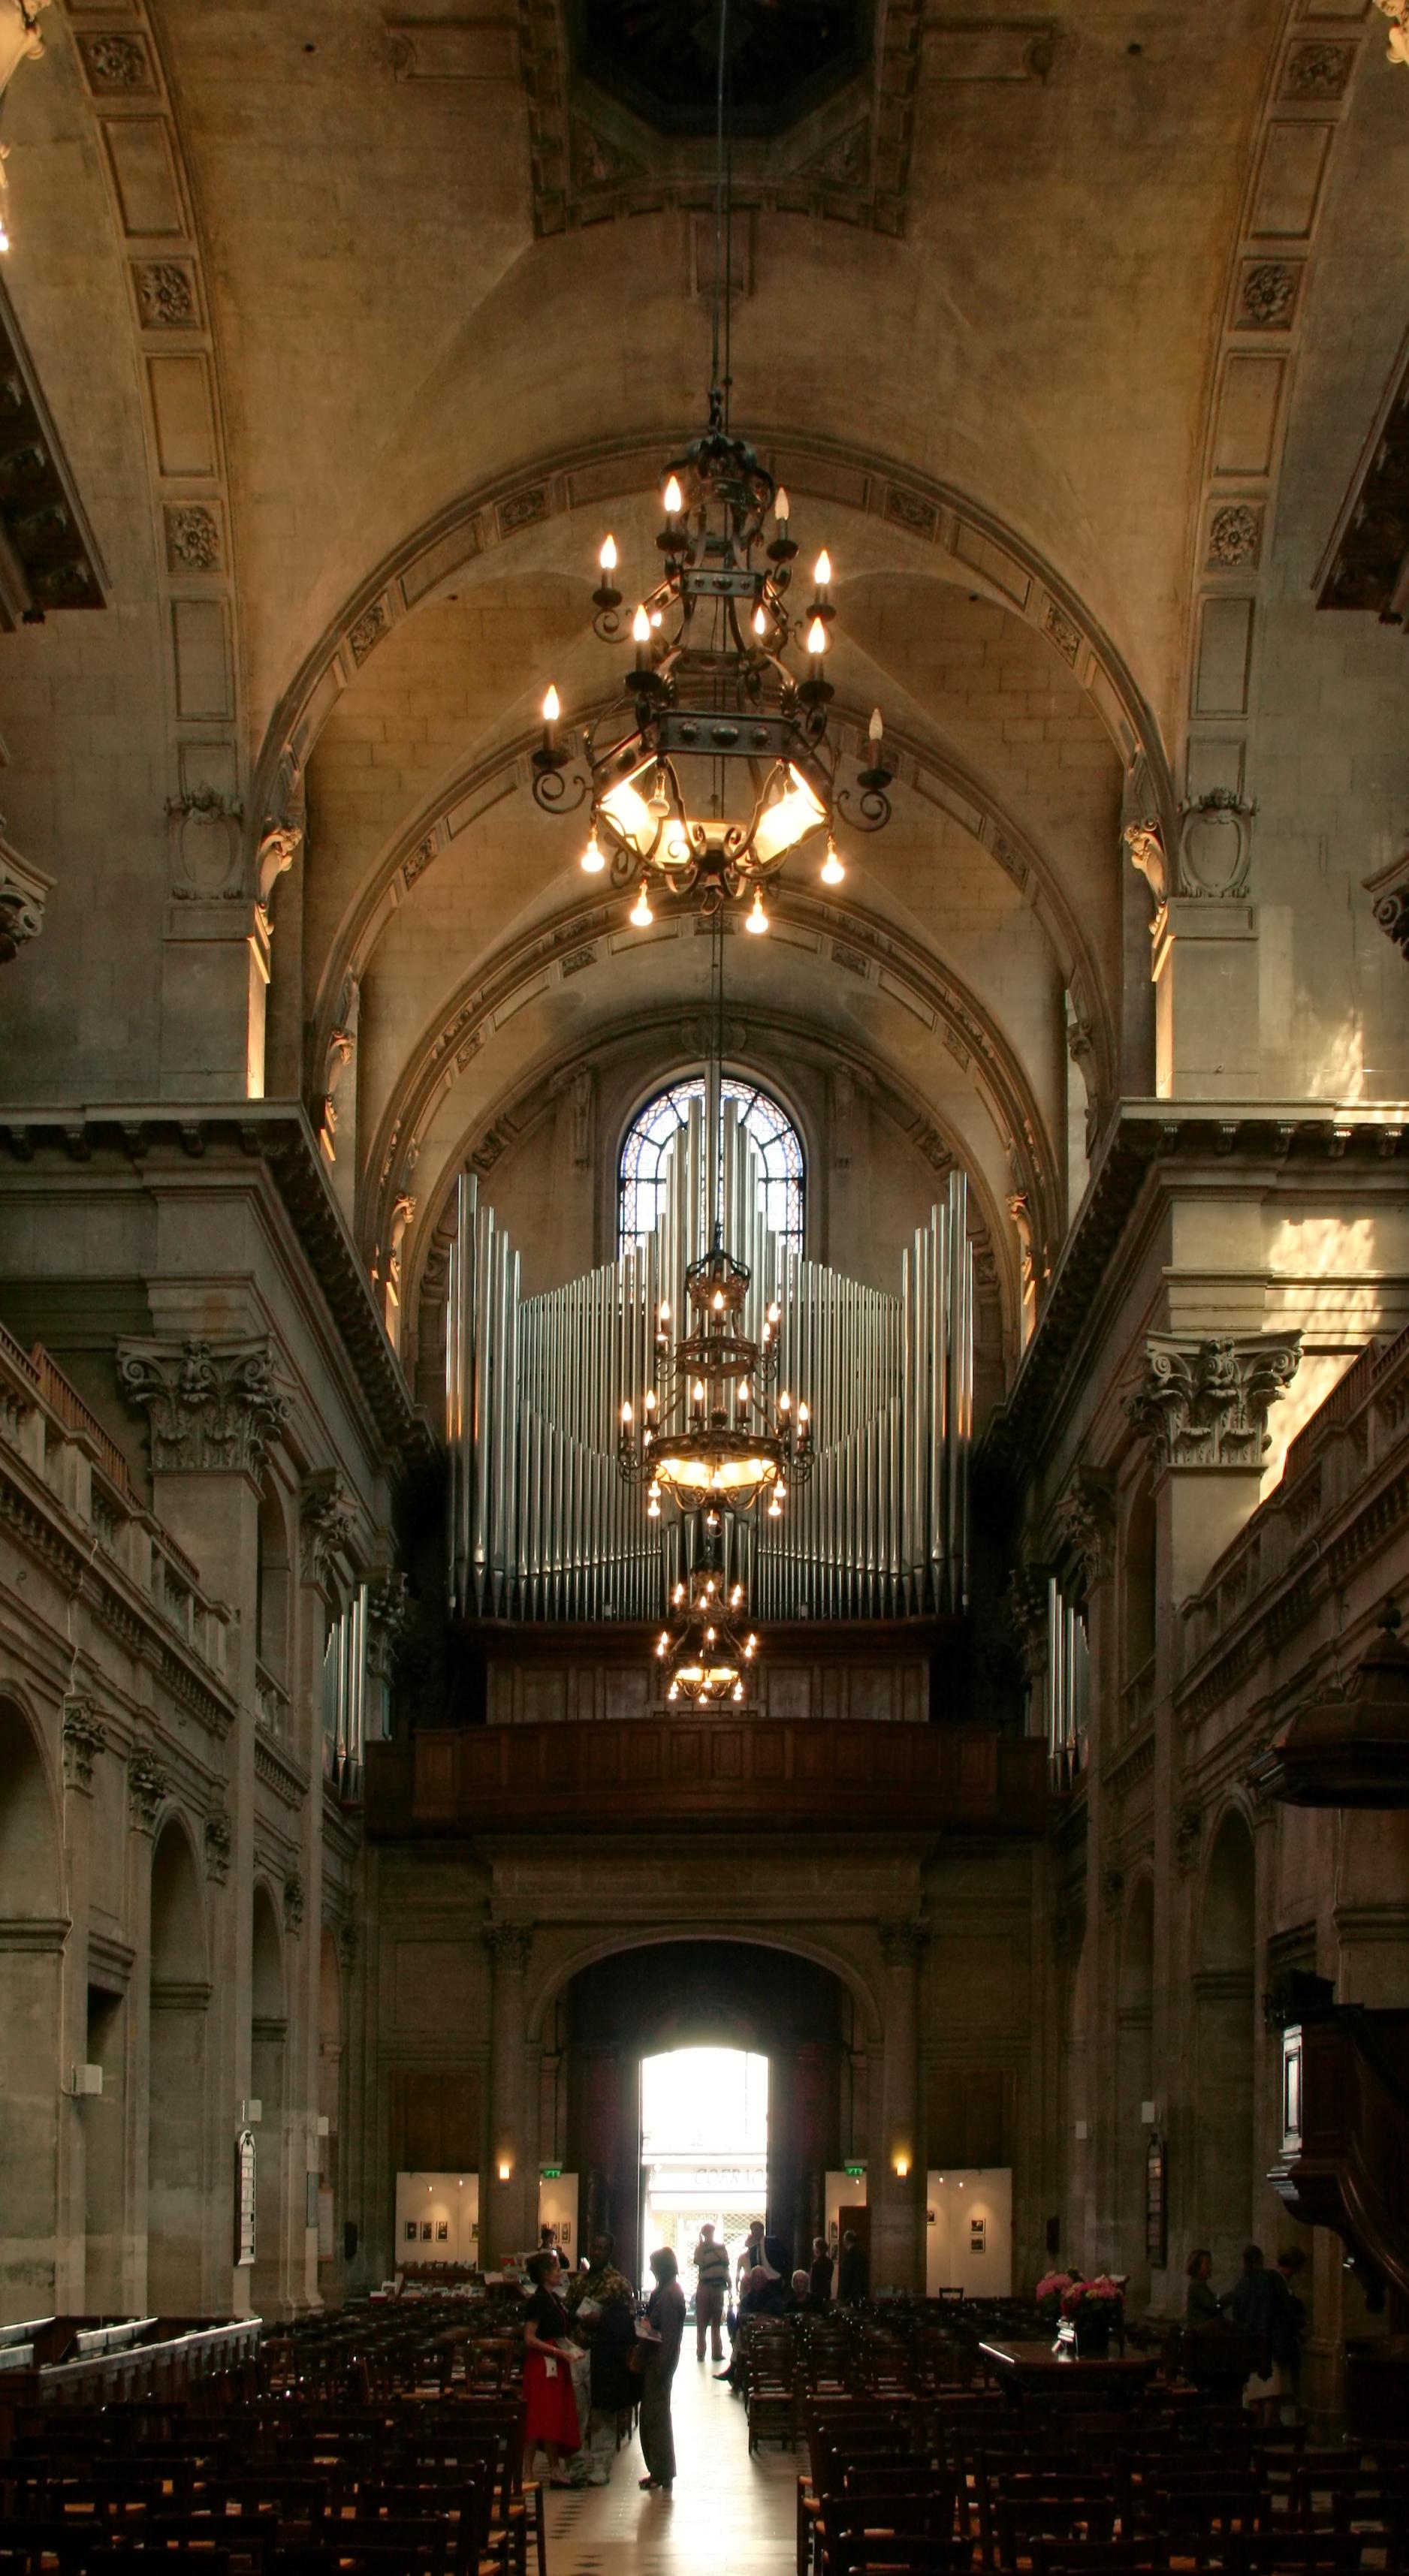 File:Oratoire du Louvre, intérieur.jpg - Wikimedia Commons